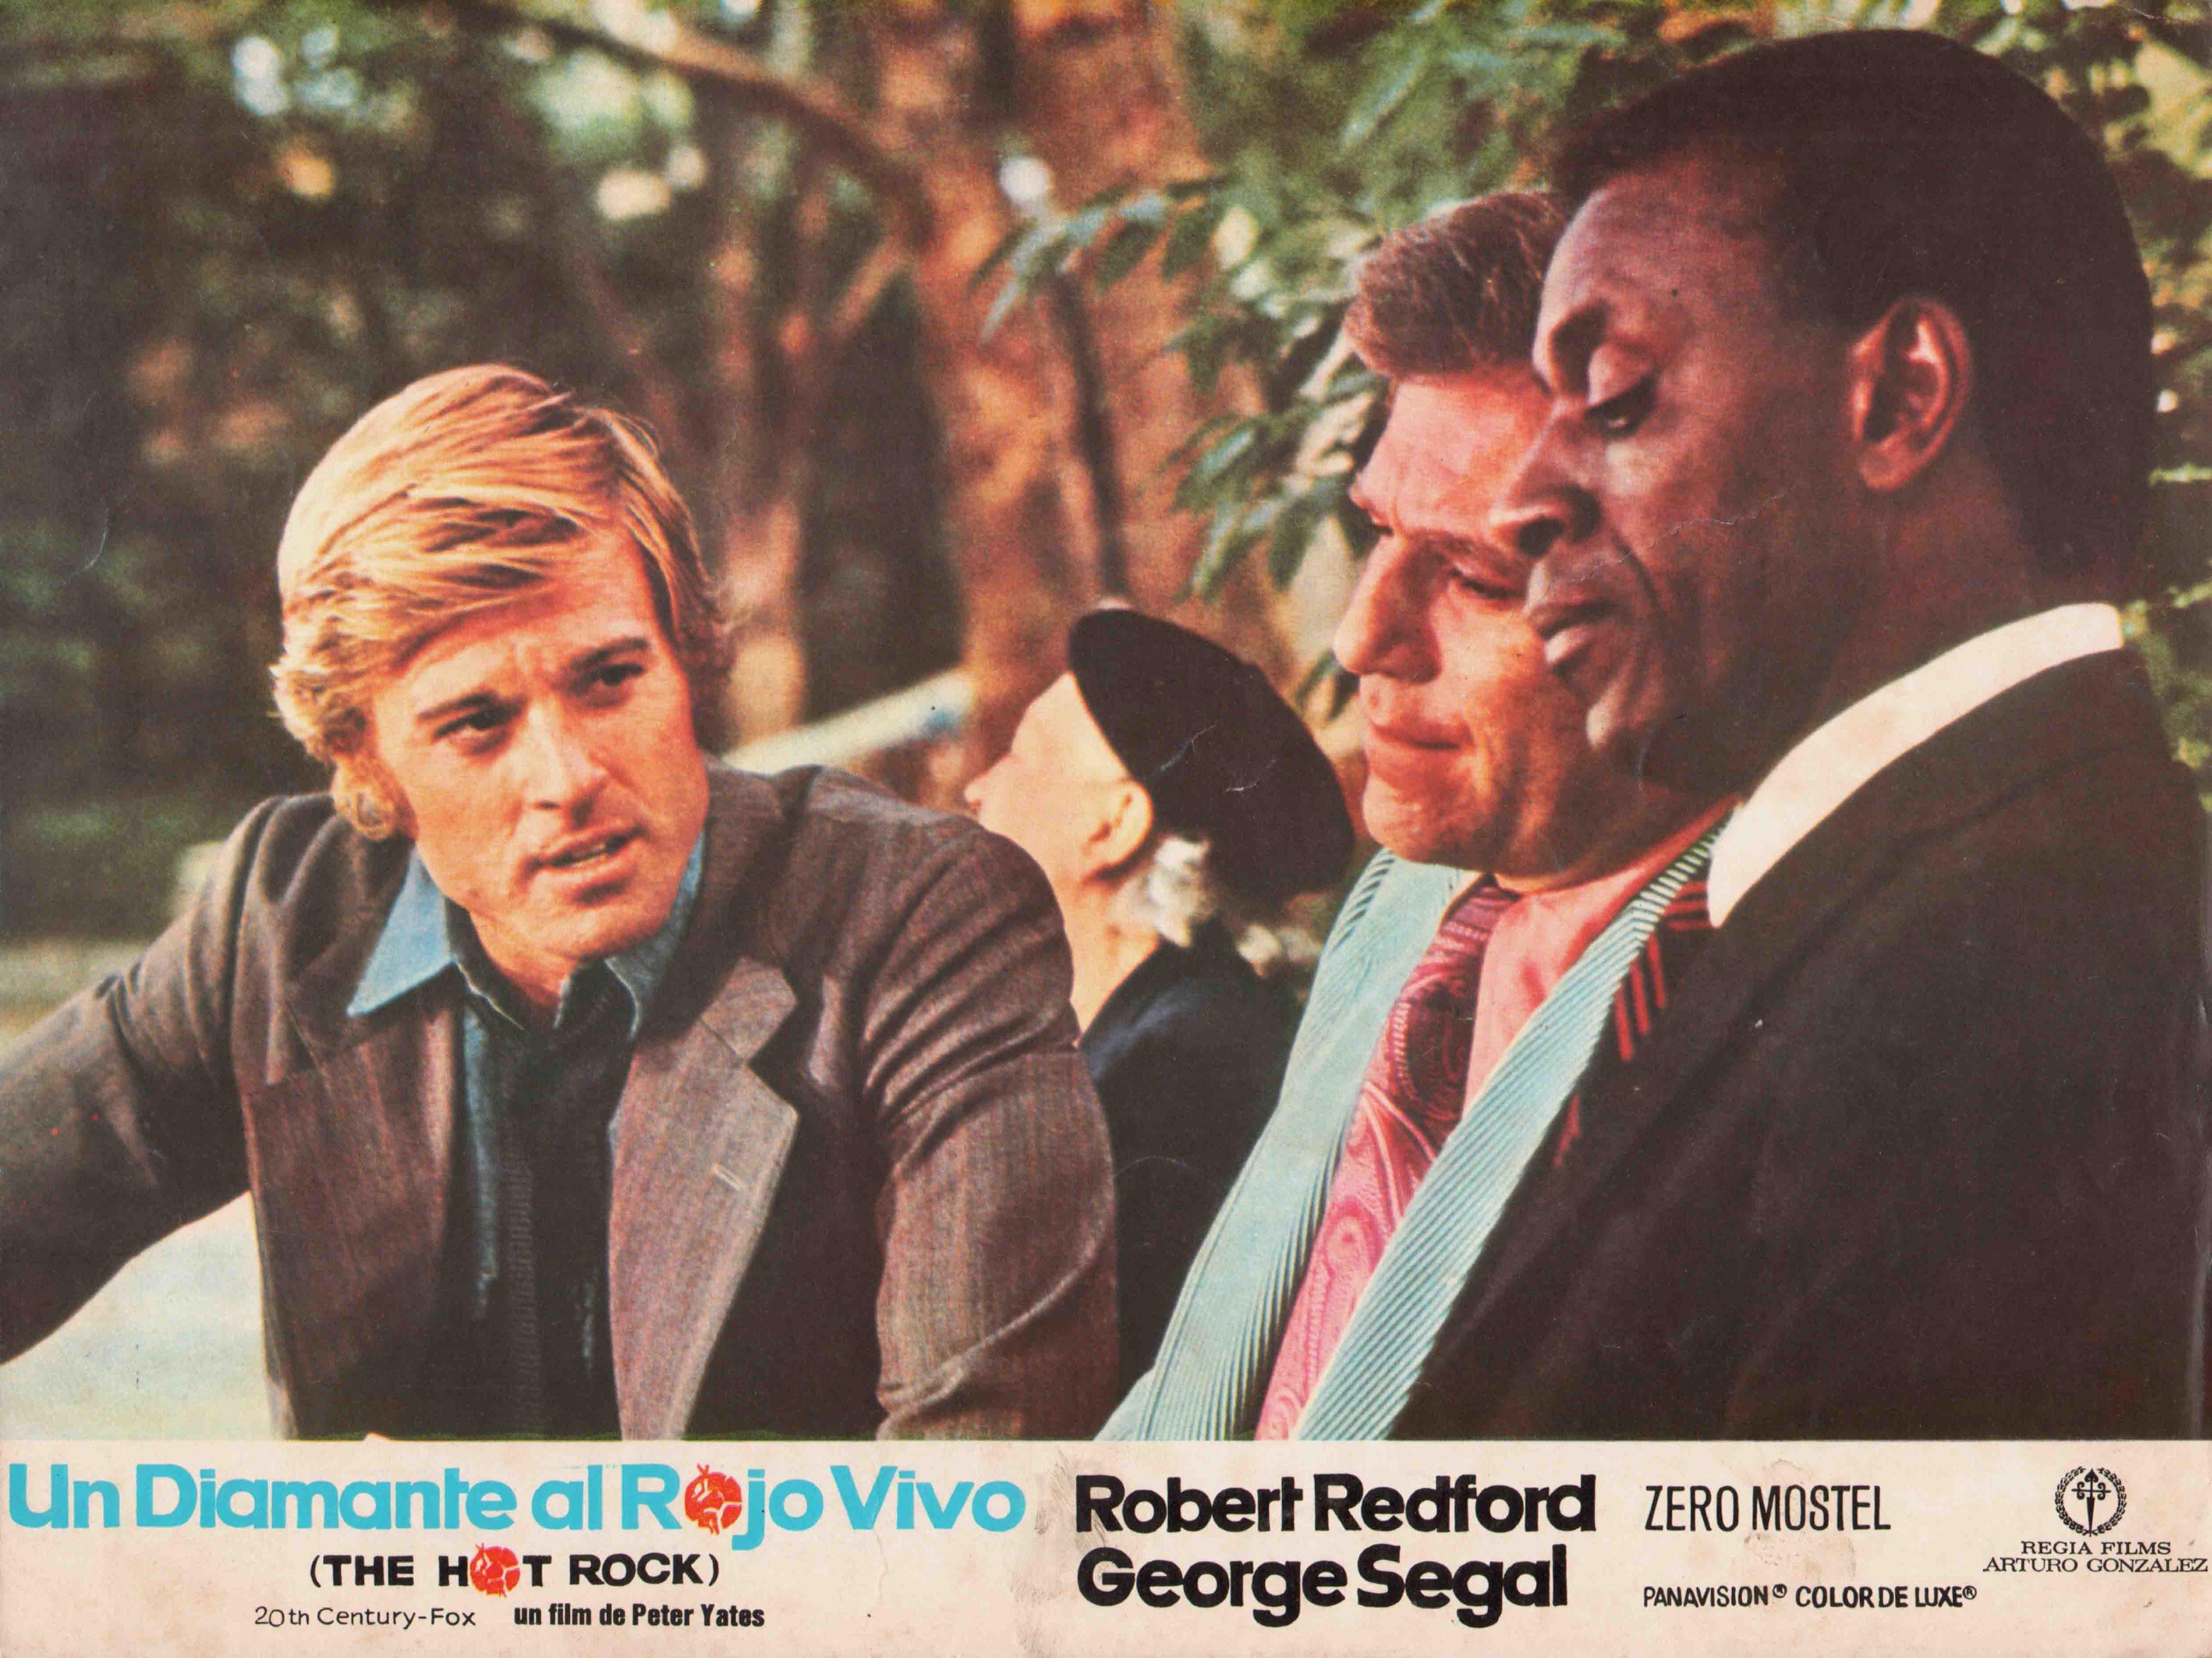 Un Diamante Al Rojo Vivo Robert Redford Rojo Vivo Museo De Brooklyn